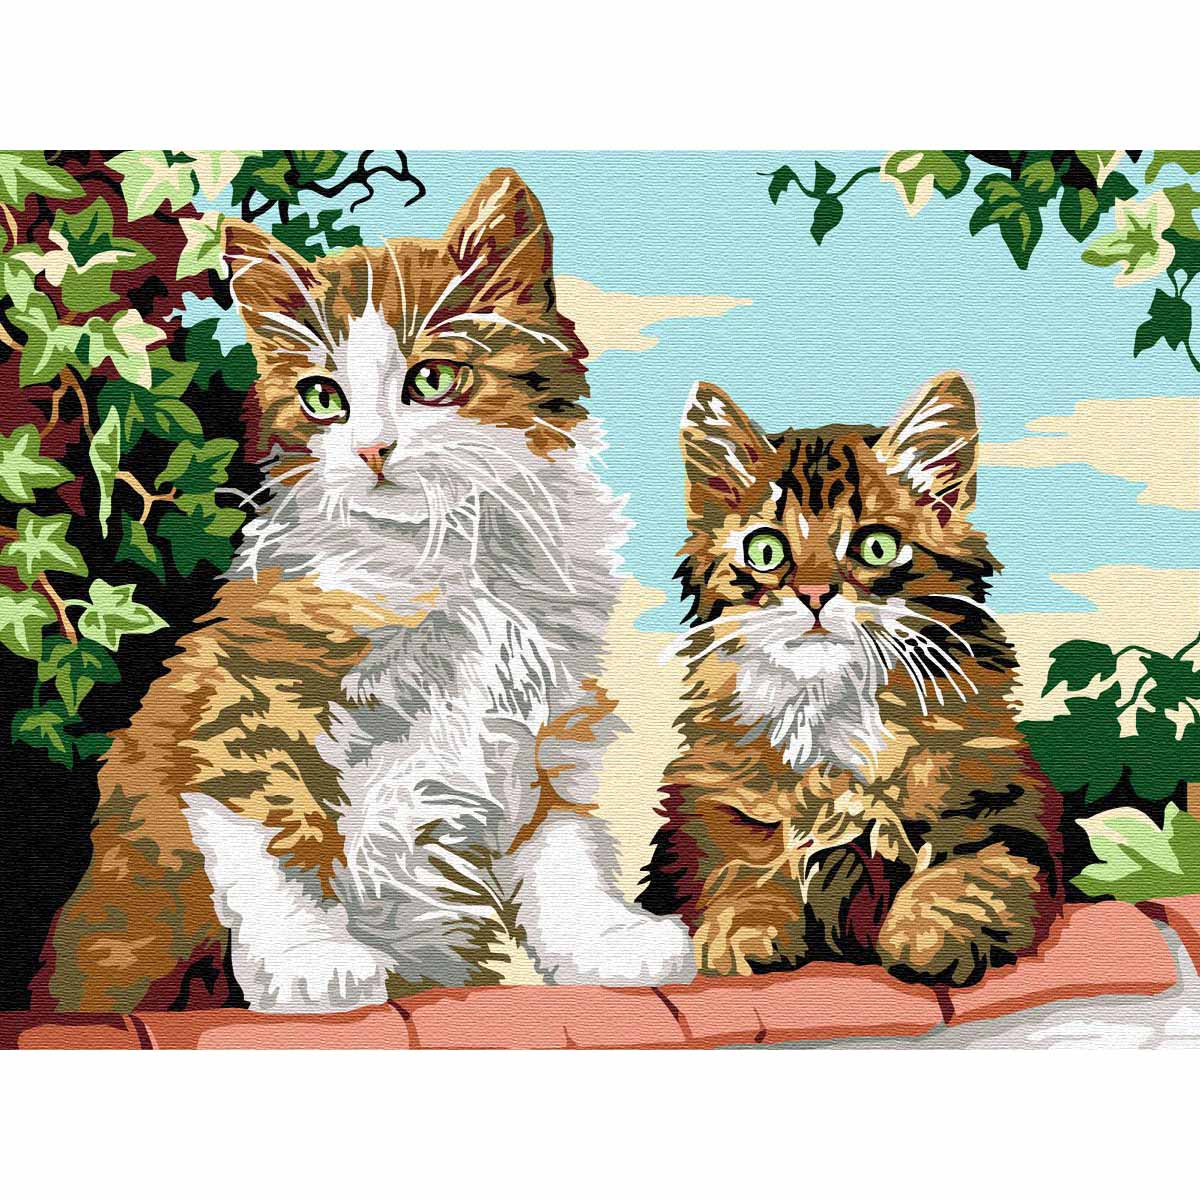 SE926-199 Канва с рисунком SEG de Paris 'Котята на стене' 40*50 см